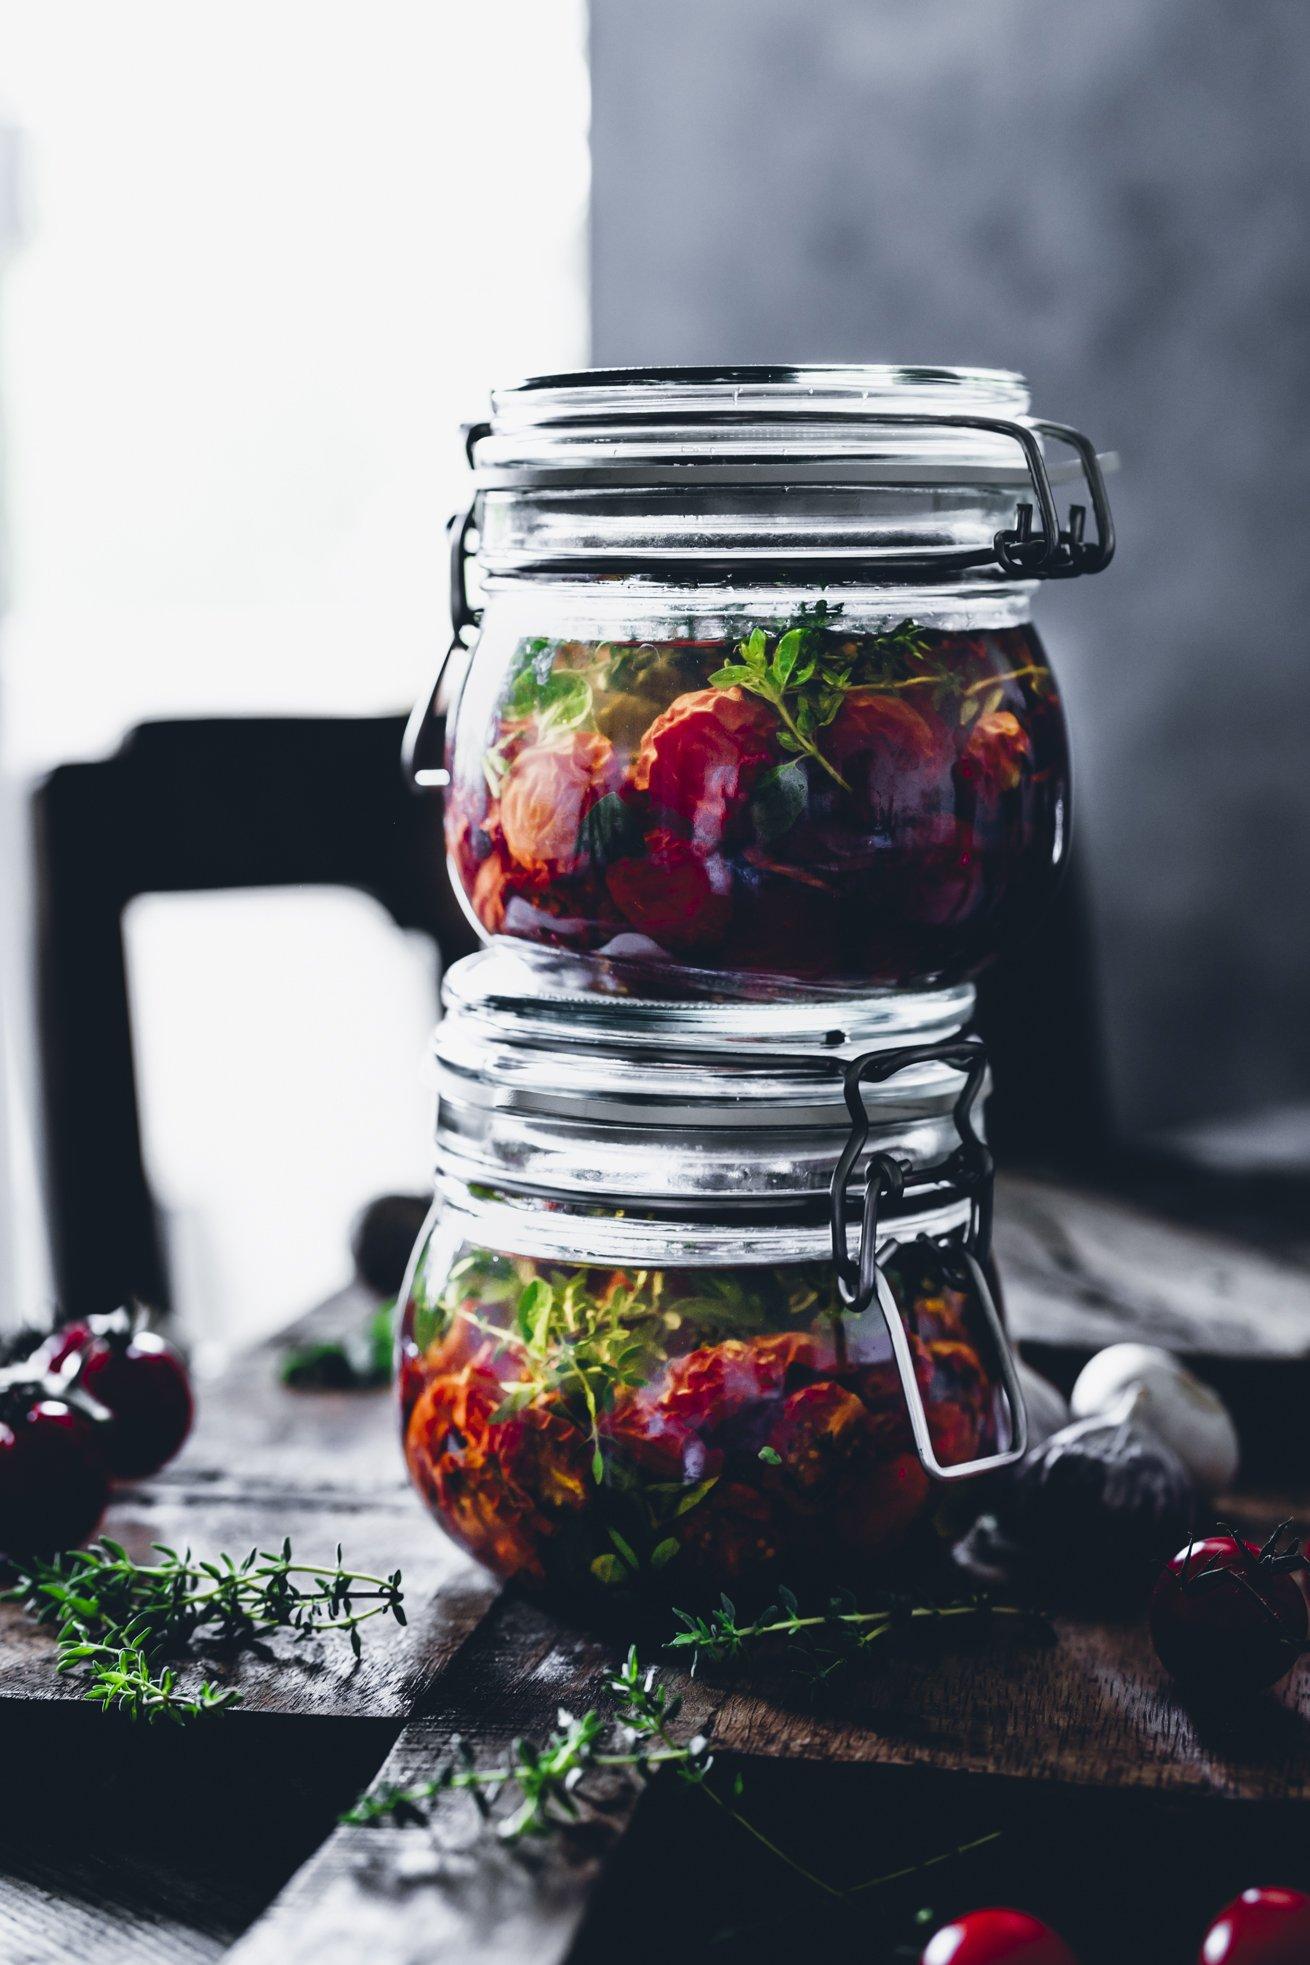 Halbgetrocknete Cherry Tomaten eingelegt in Öl.